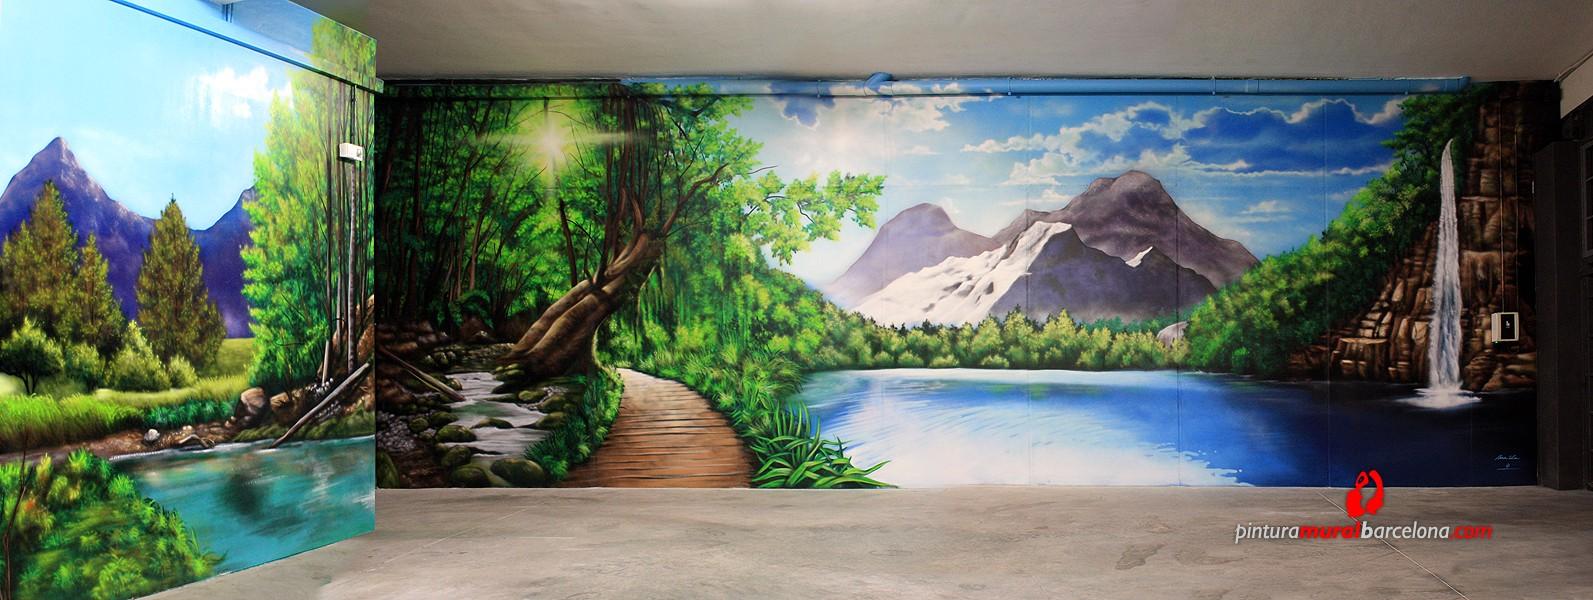 Paisaje 3d mural bosque pintura mural barcelona mateo for Mural graffiti